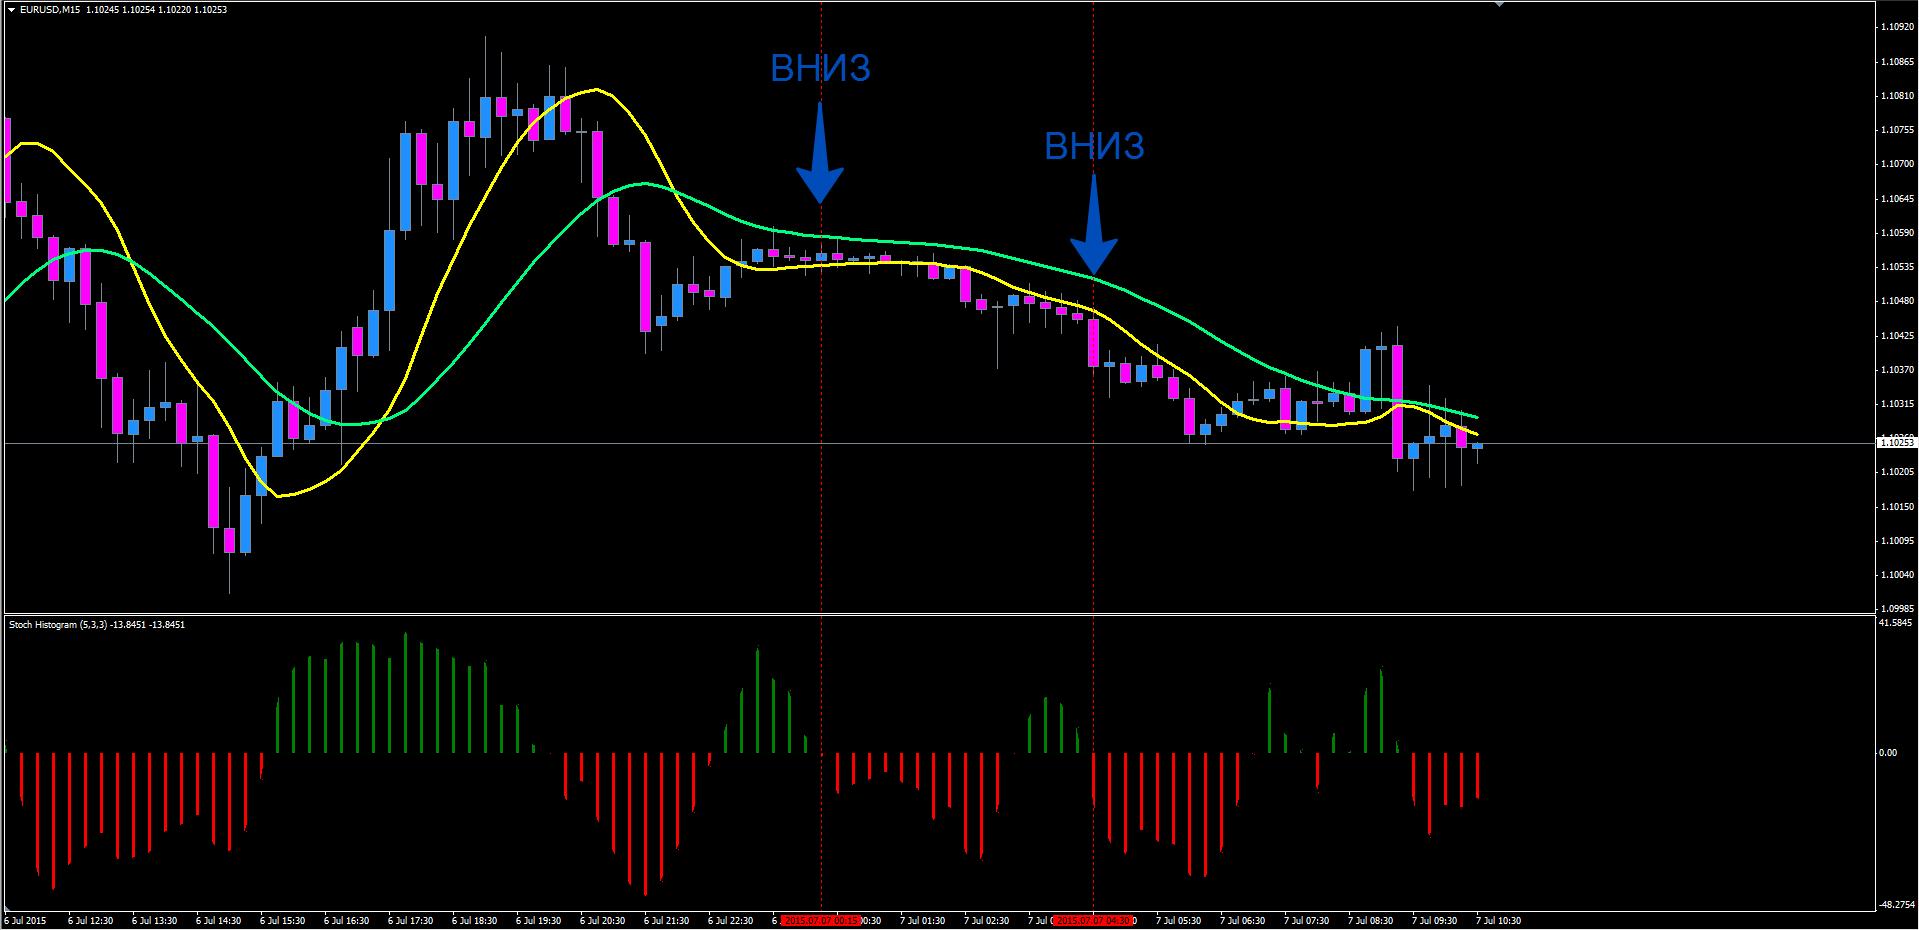 Бинарные опционы оптимальные торговые стратегии how to read binary option graphs